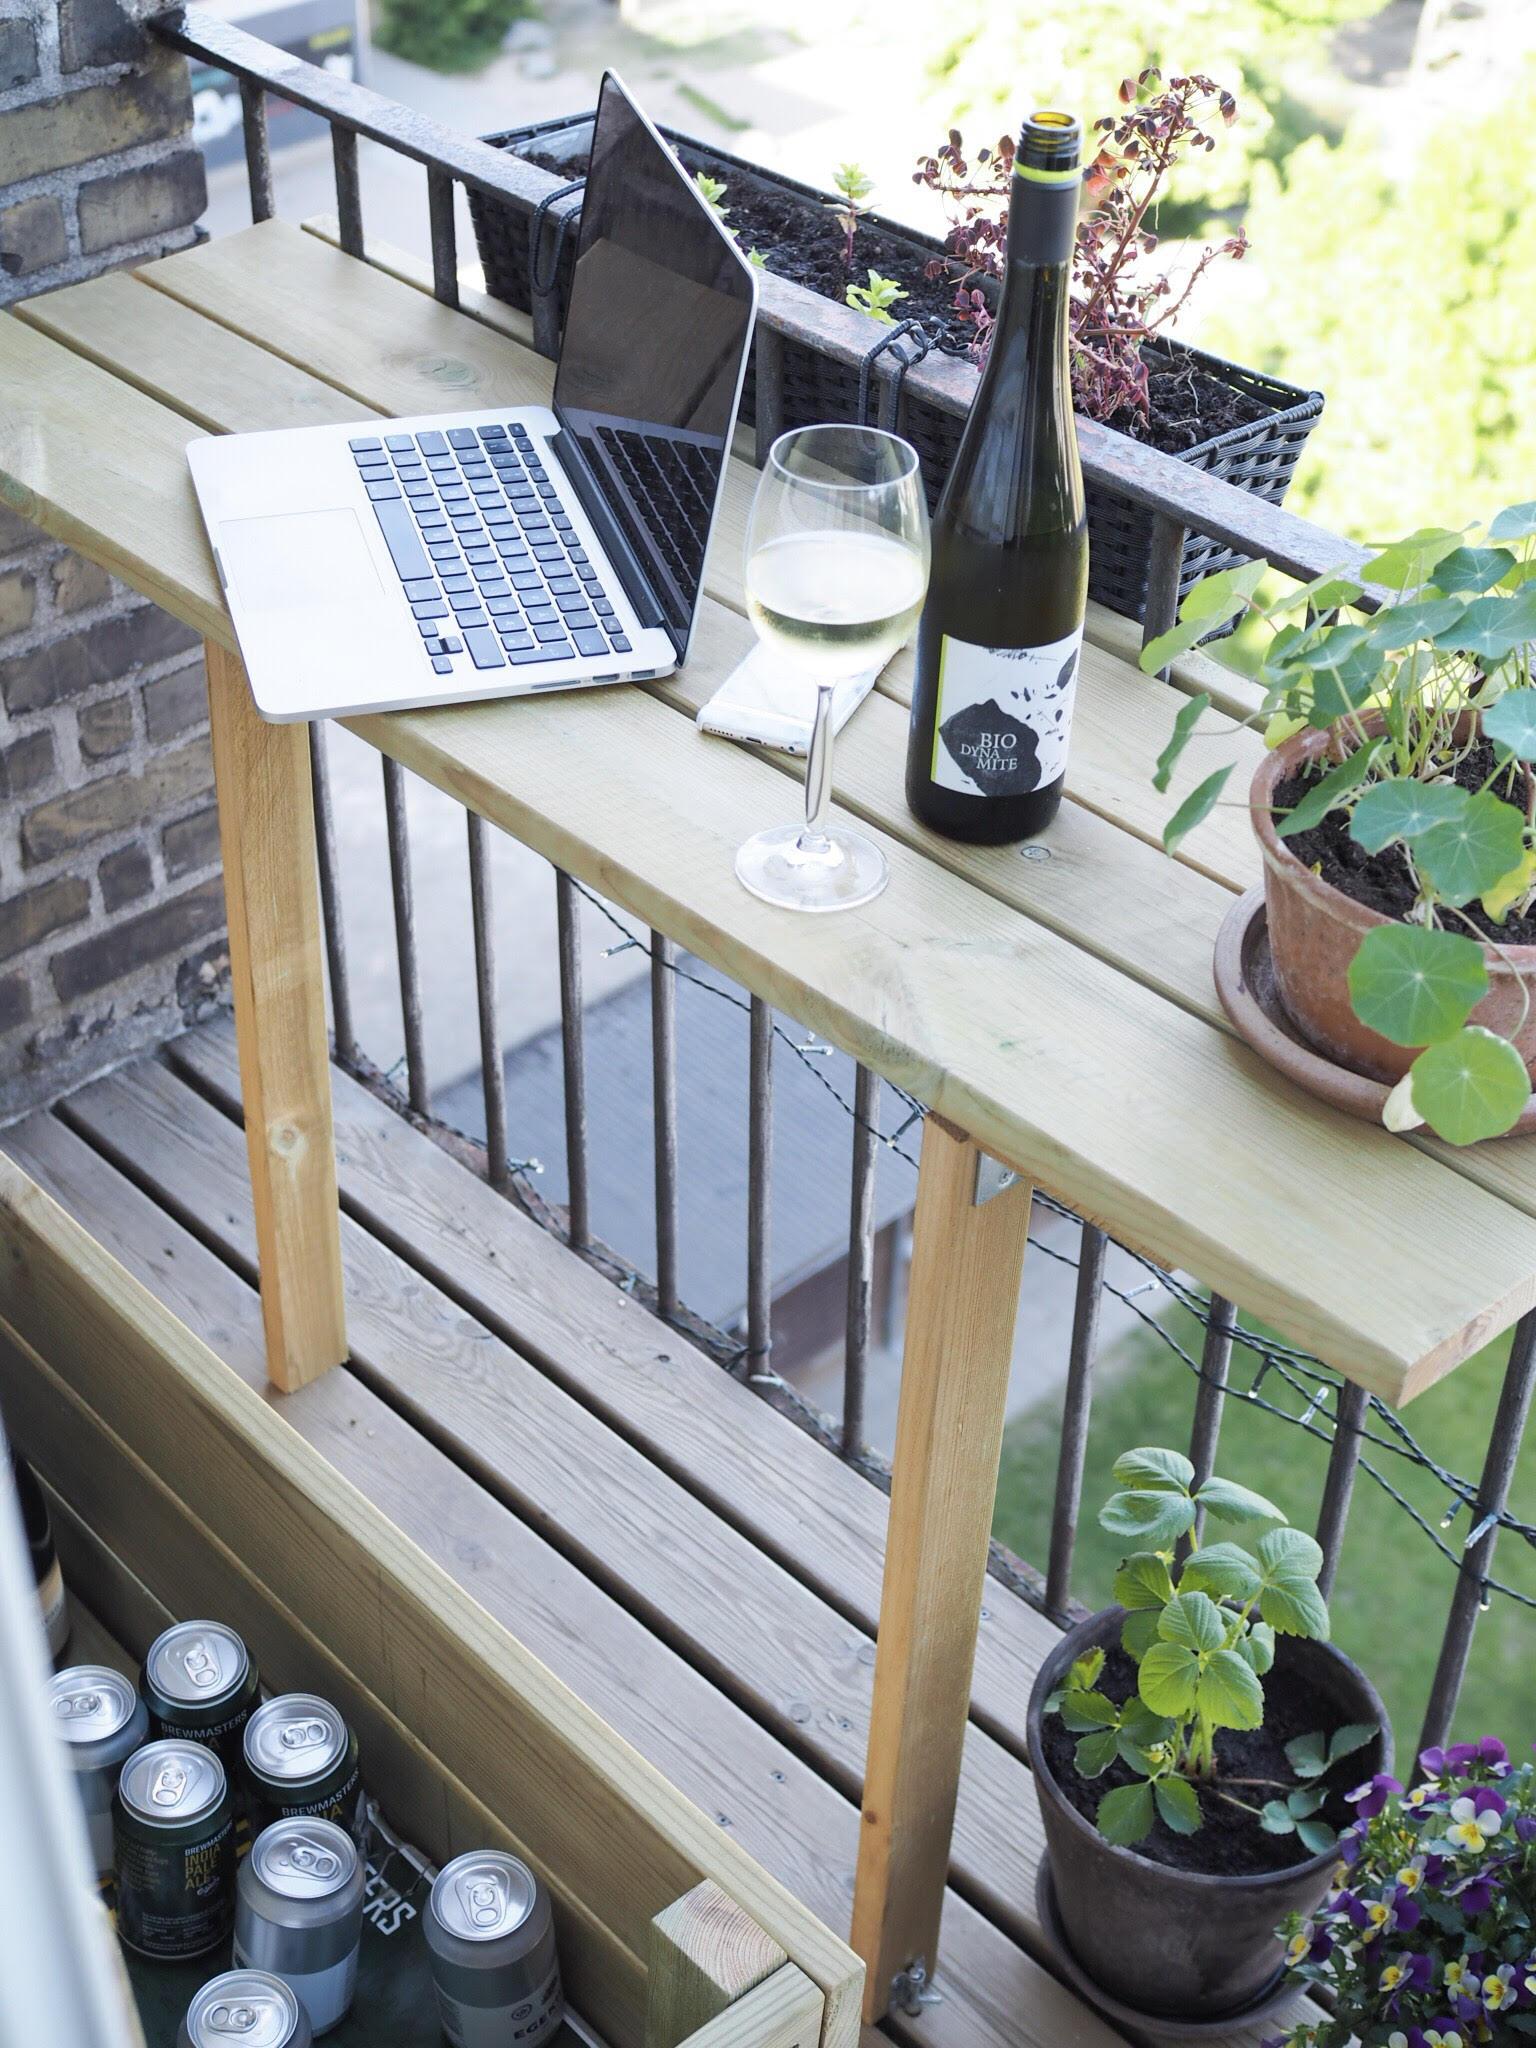 Altanliv og kold hvidvin på Østerbro. Computer på altanen og et klap op-altanbord med grønne planter på en sommerdag i maj